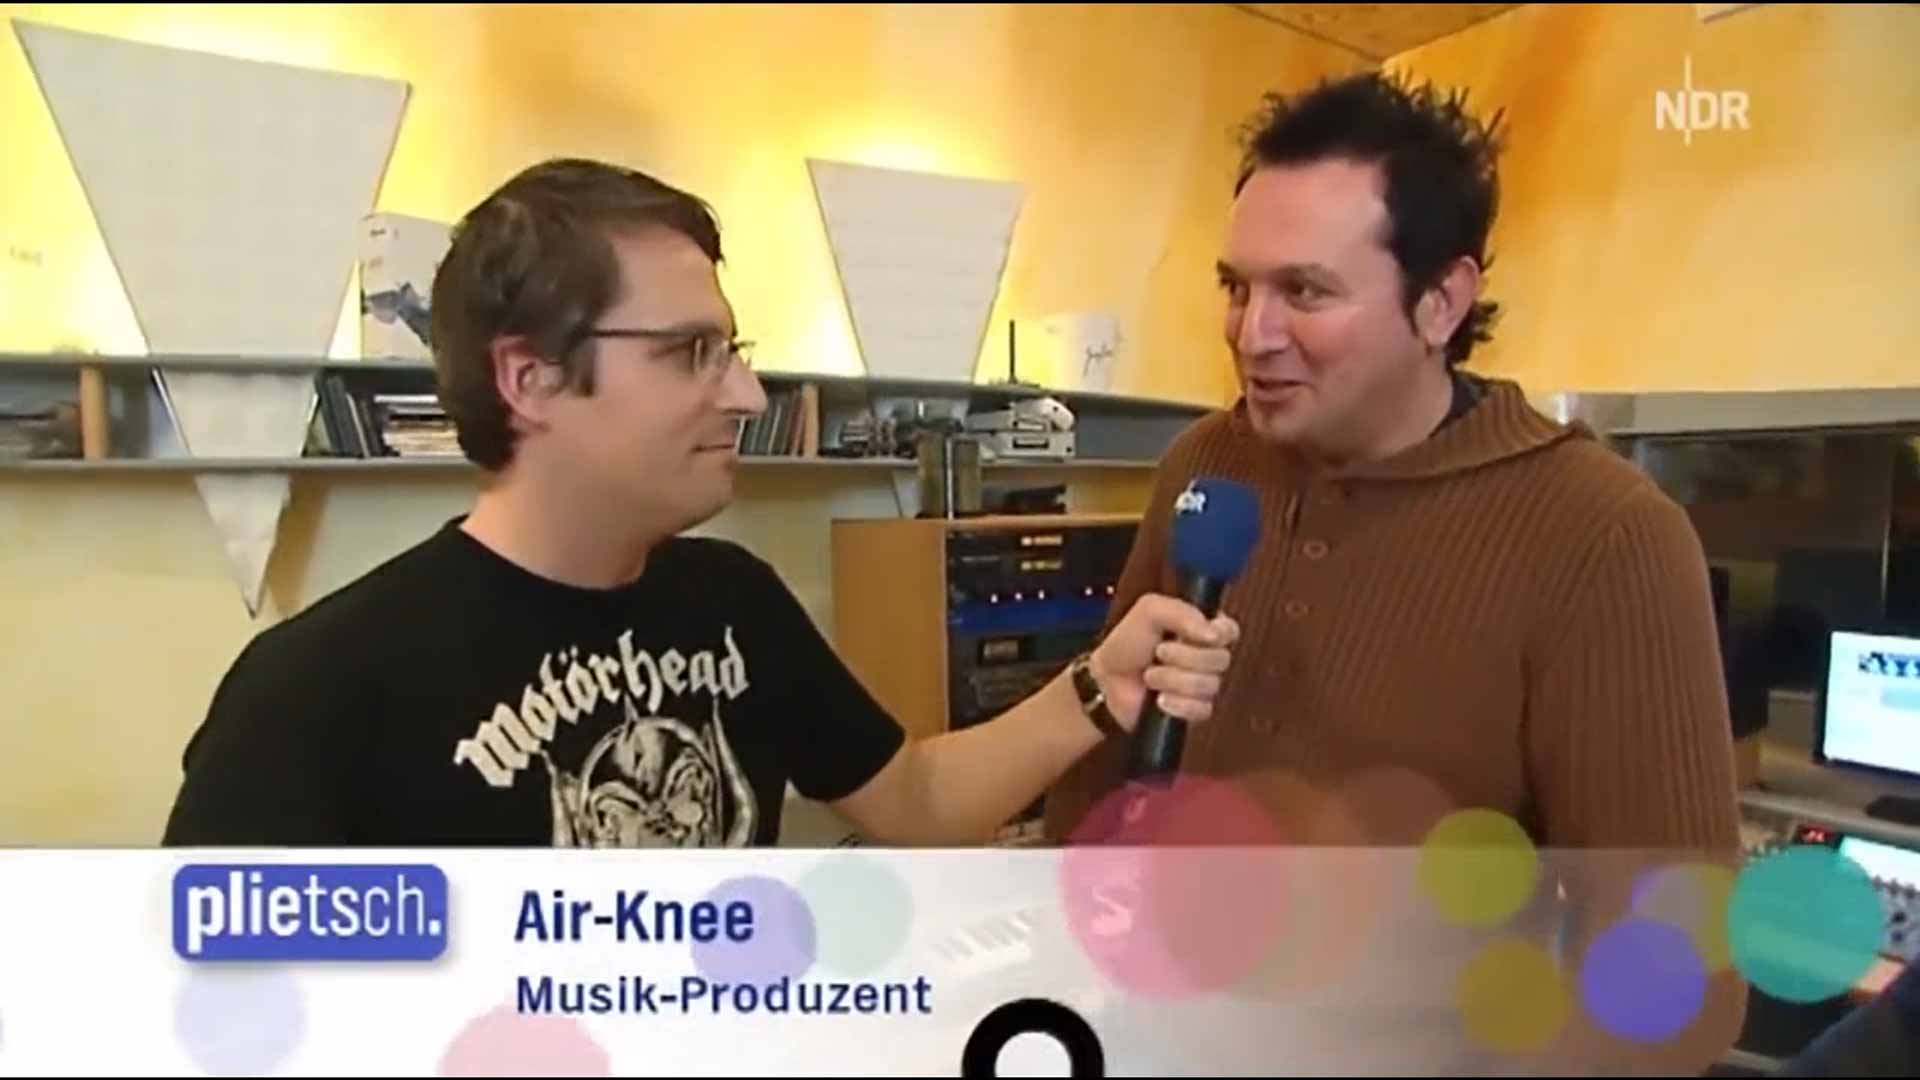 NDR Plietsch Video